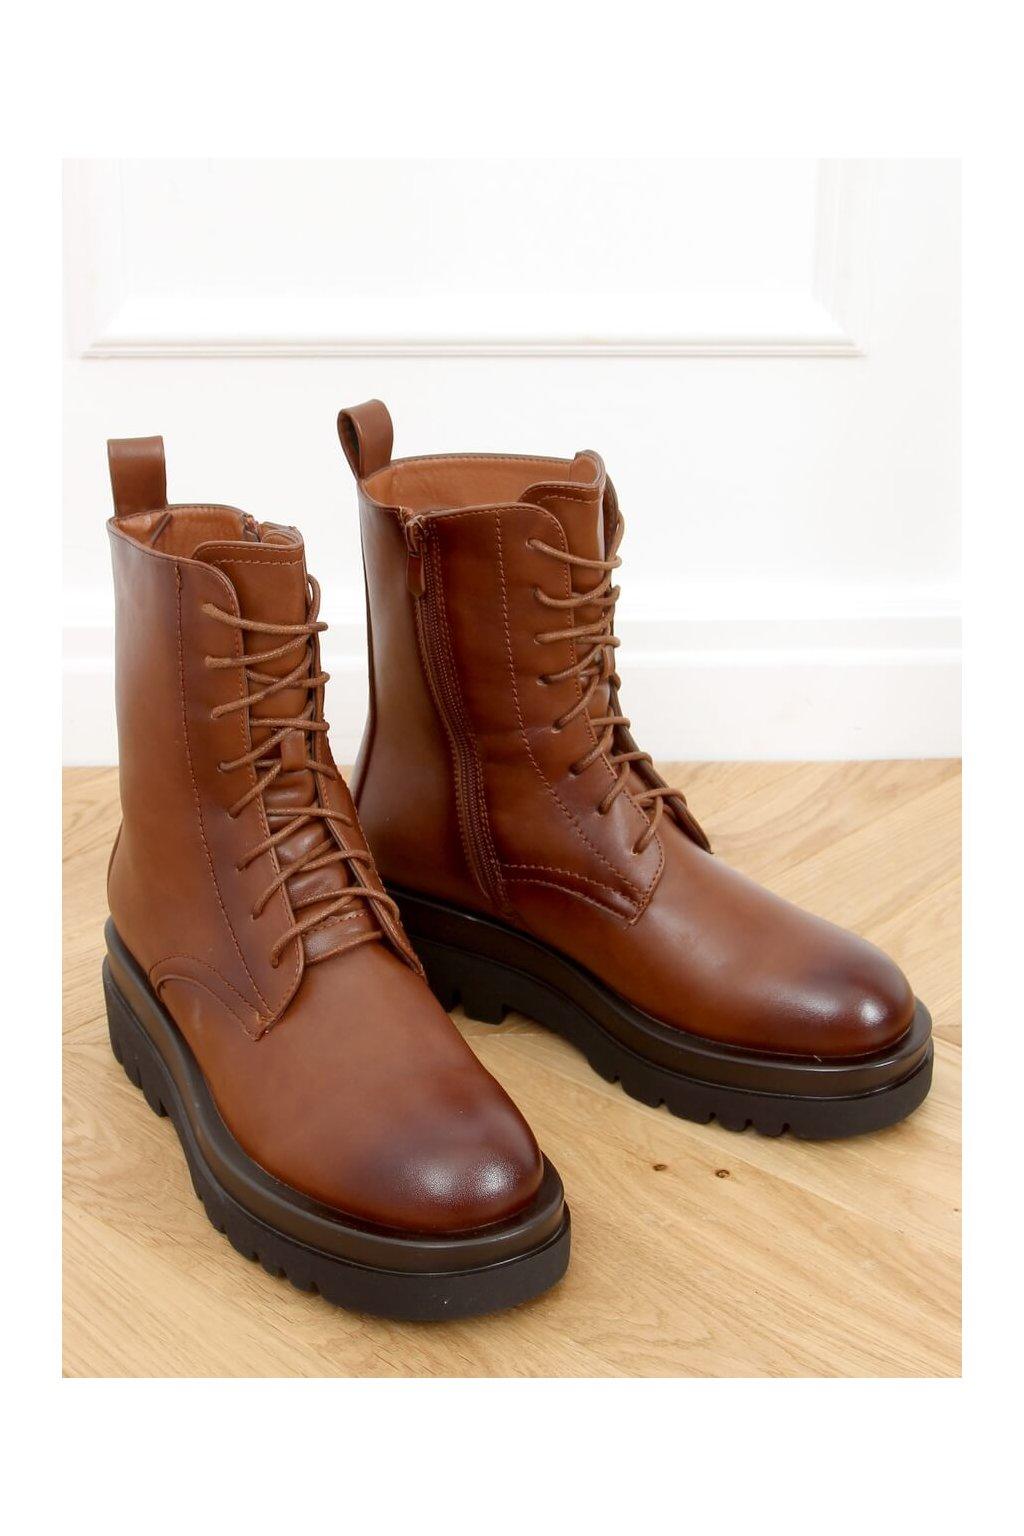 Dámske členkové topánky hnedé na plochom podpätku RB85